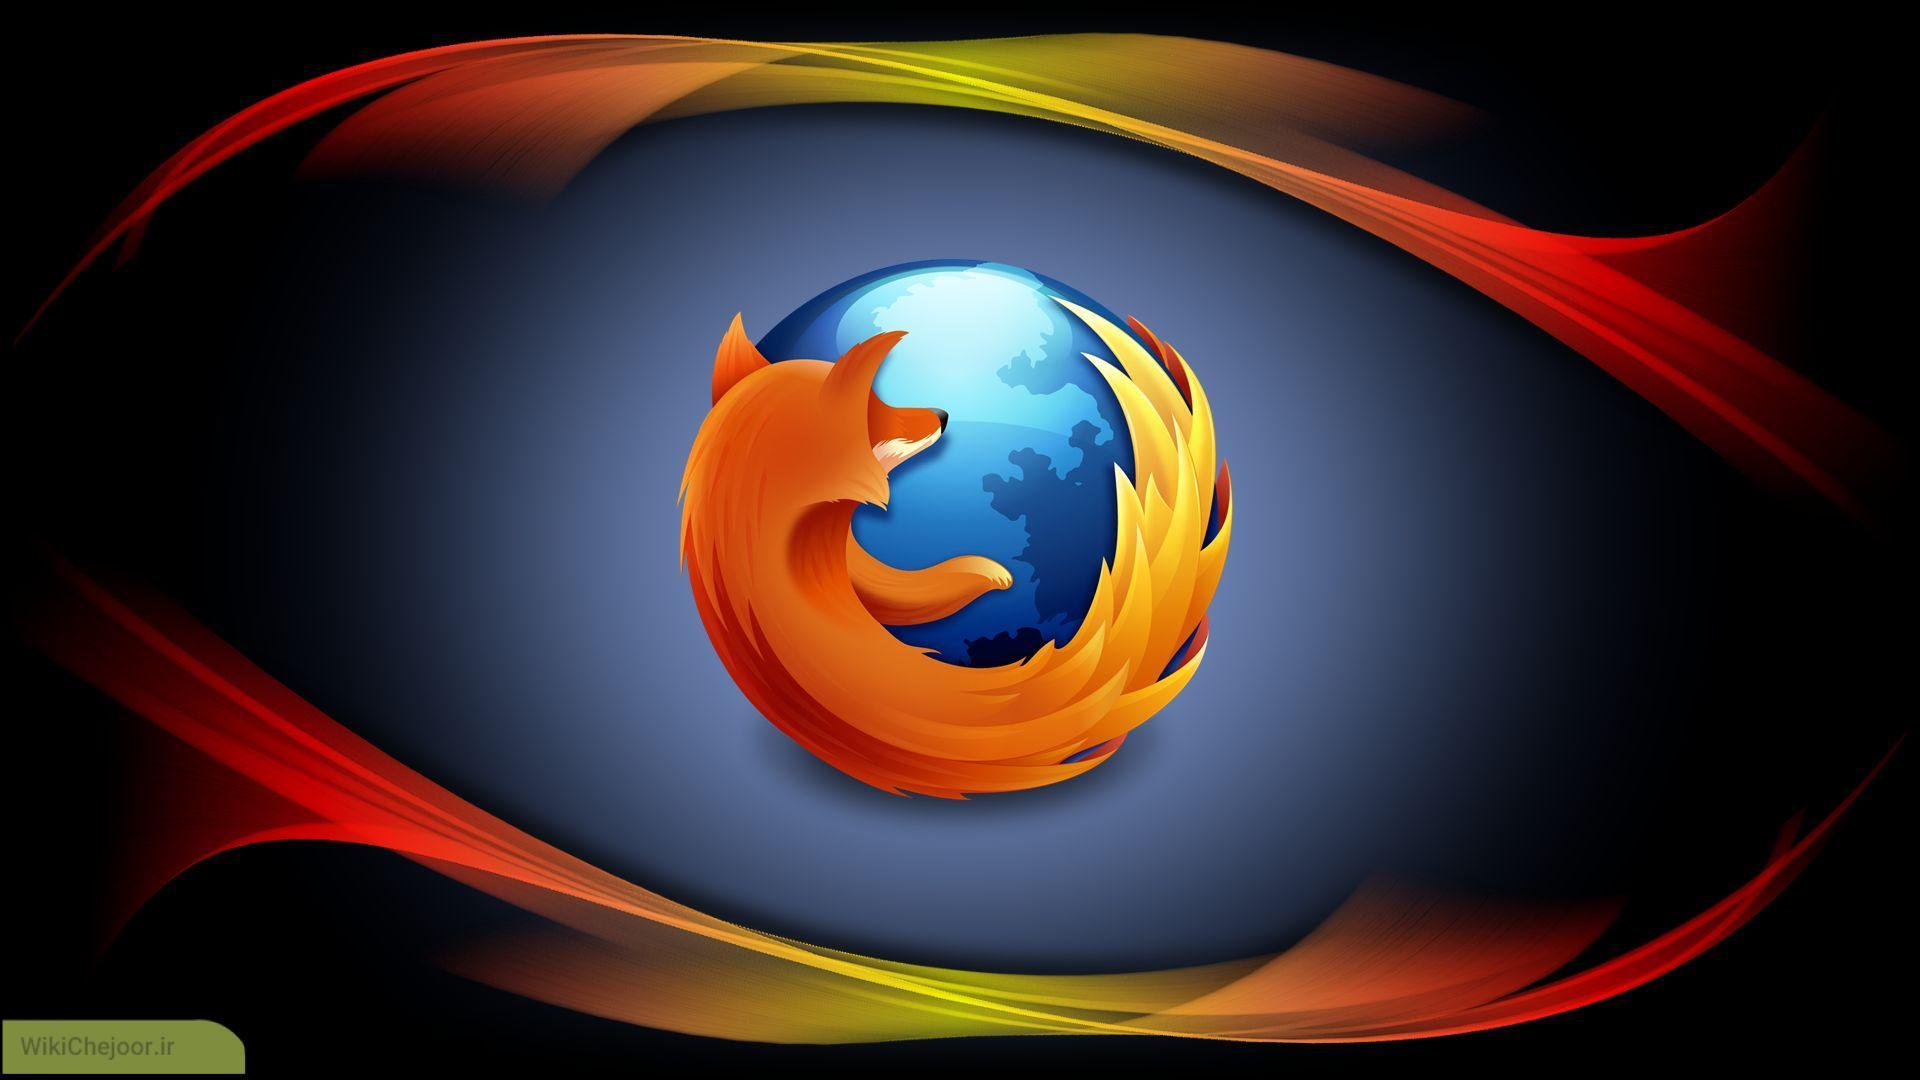 چگونه می توان مرورگر فایرفاکس را به روزرسانی کرد ؟